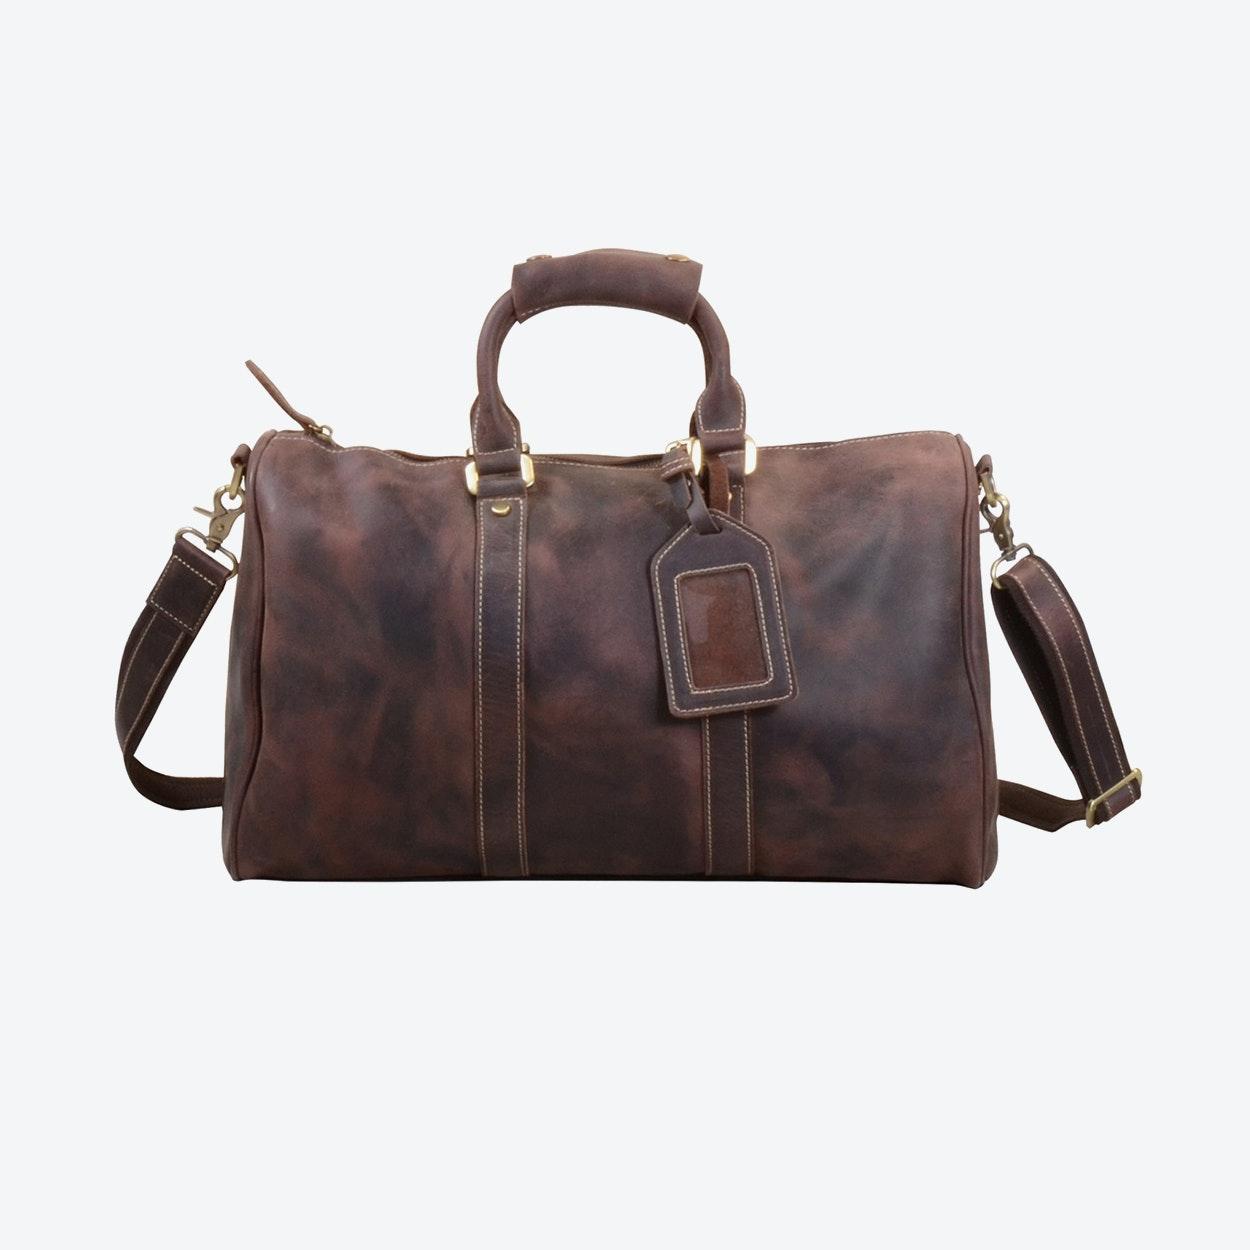 303bb35b586 Vintage Leather Weekend Bag in Dark Brown